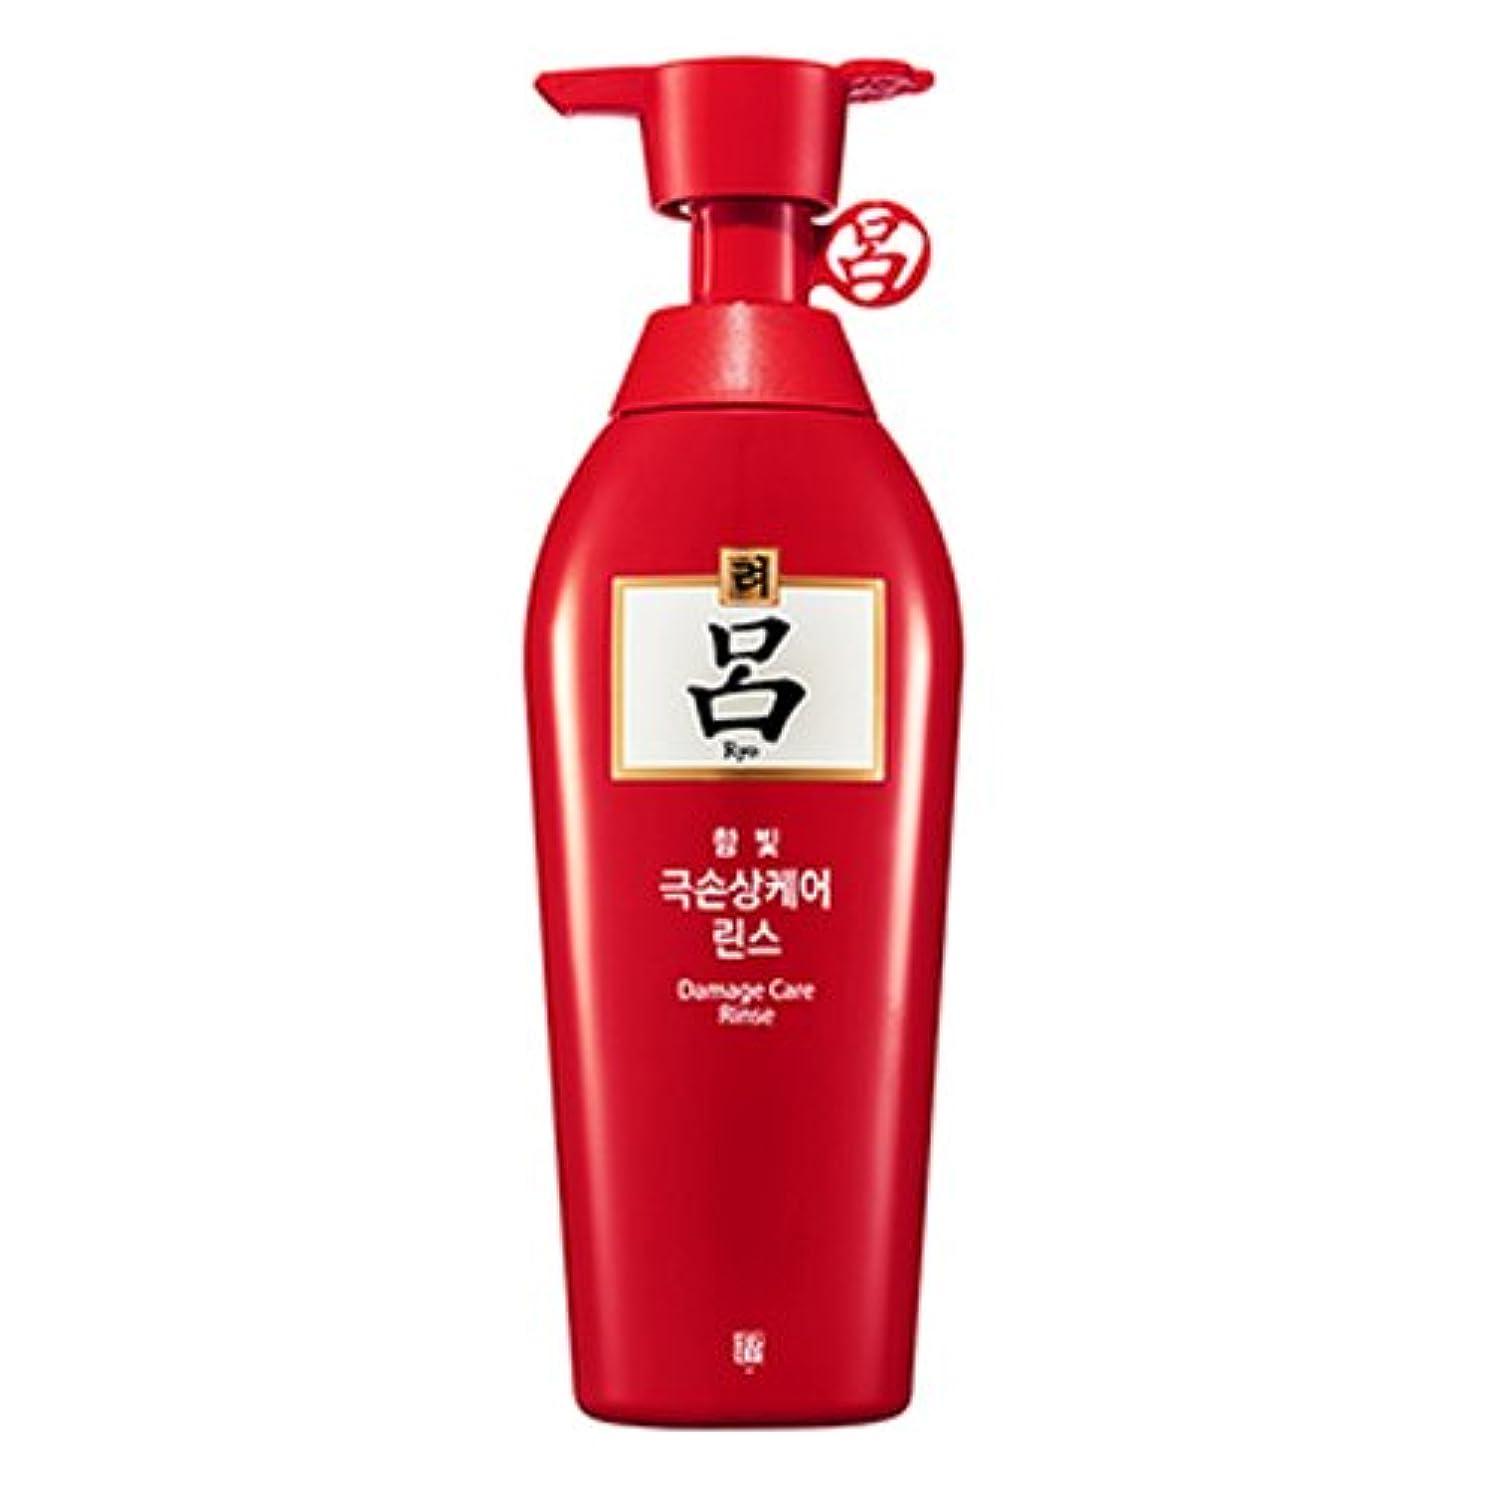 脱臼する極貧男性韓国 リョ/呂 赤 フッユンセンギ/黒潤生気 ハンピッモ/含光毛 リンス